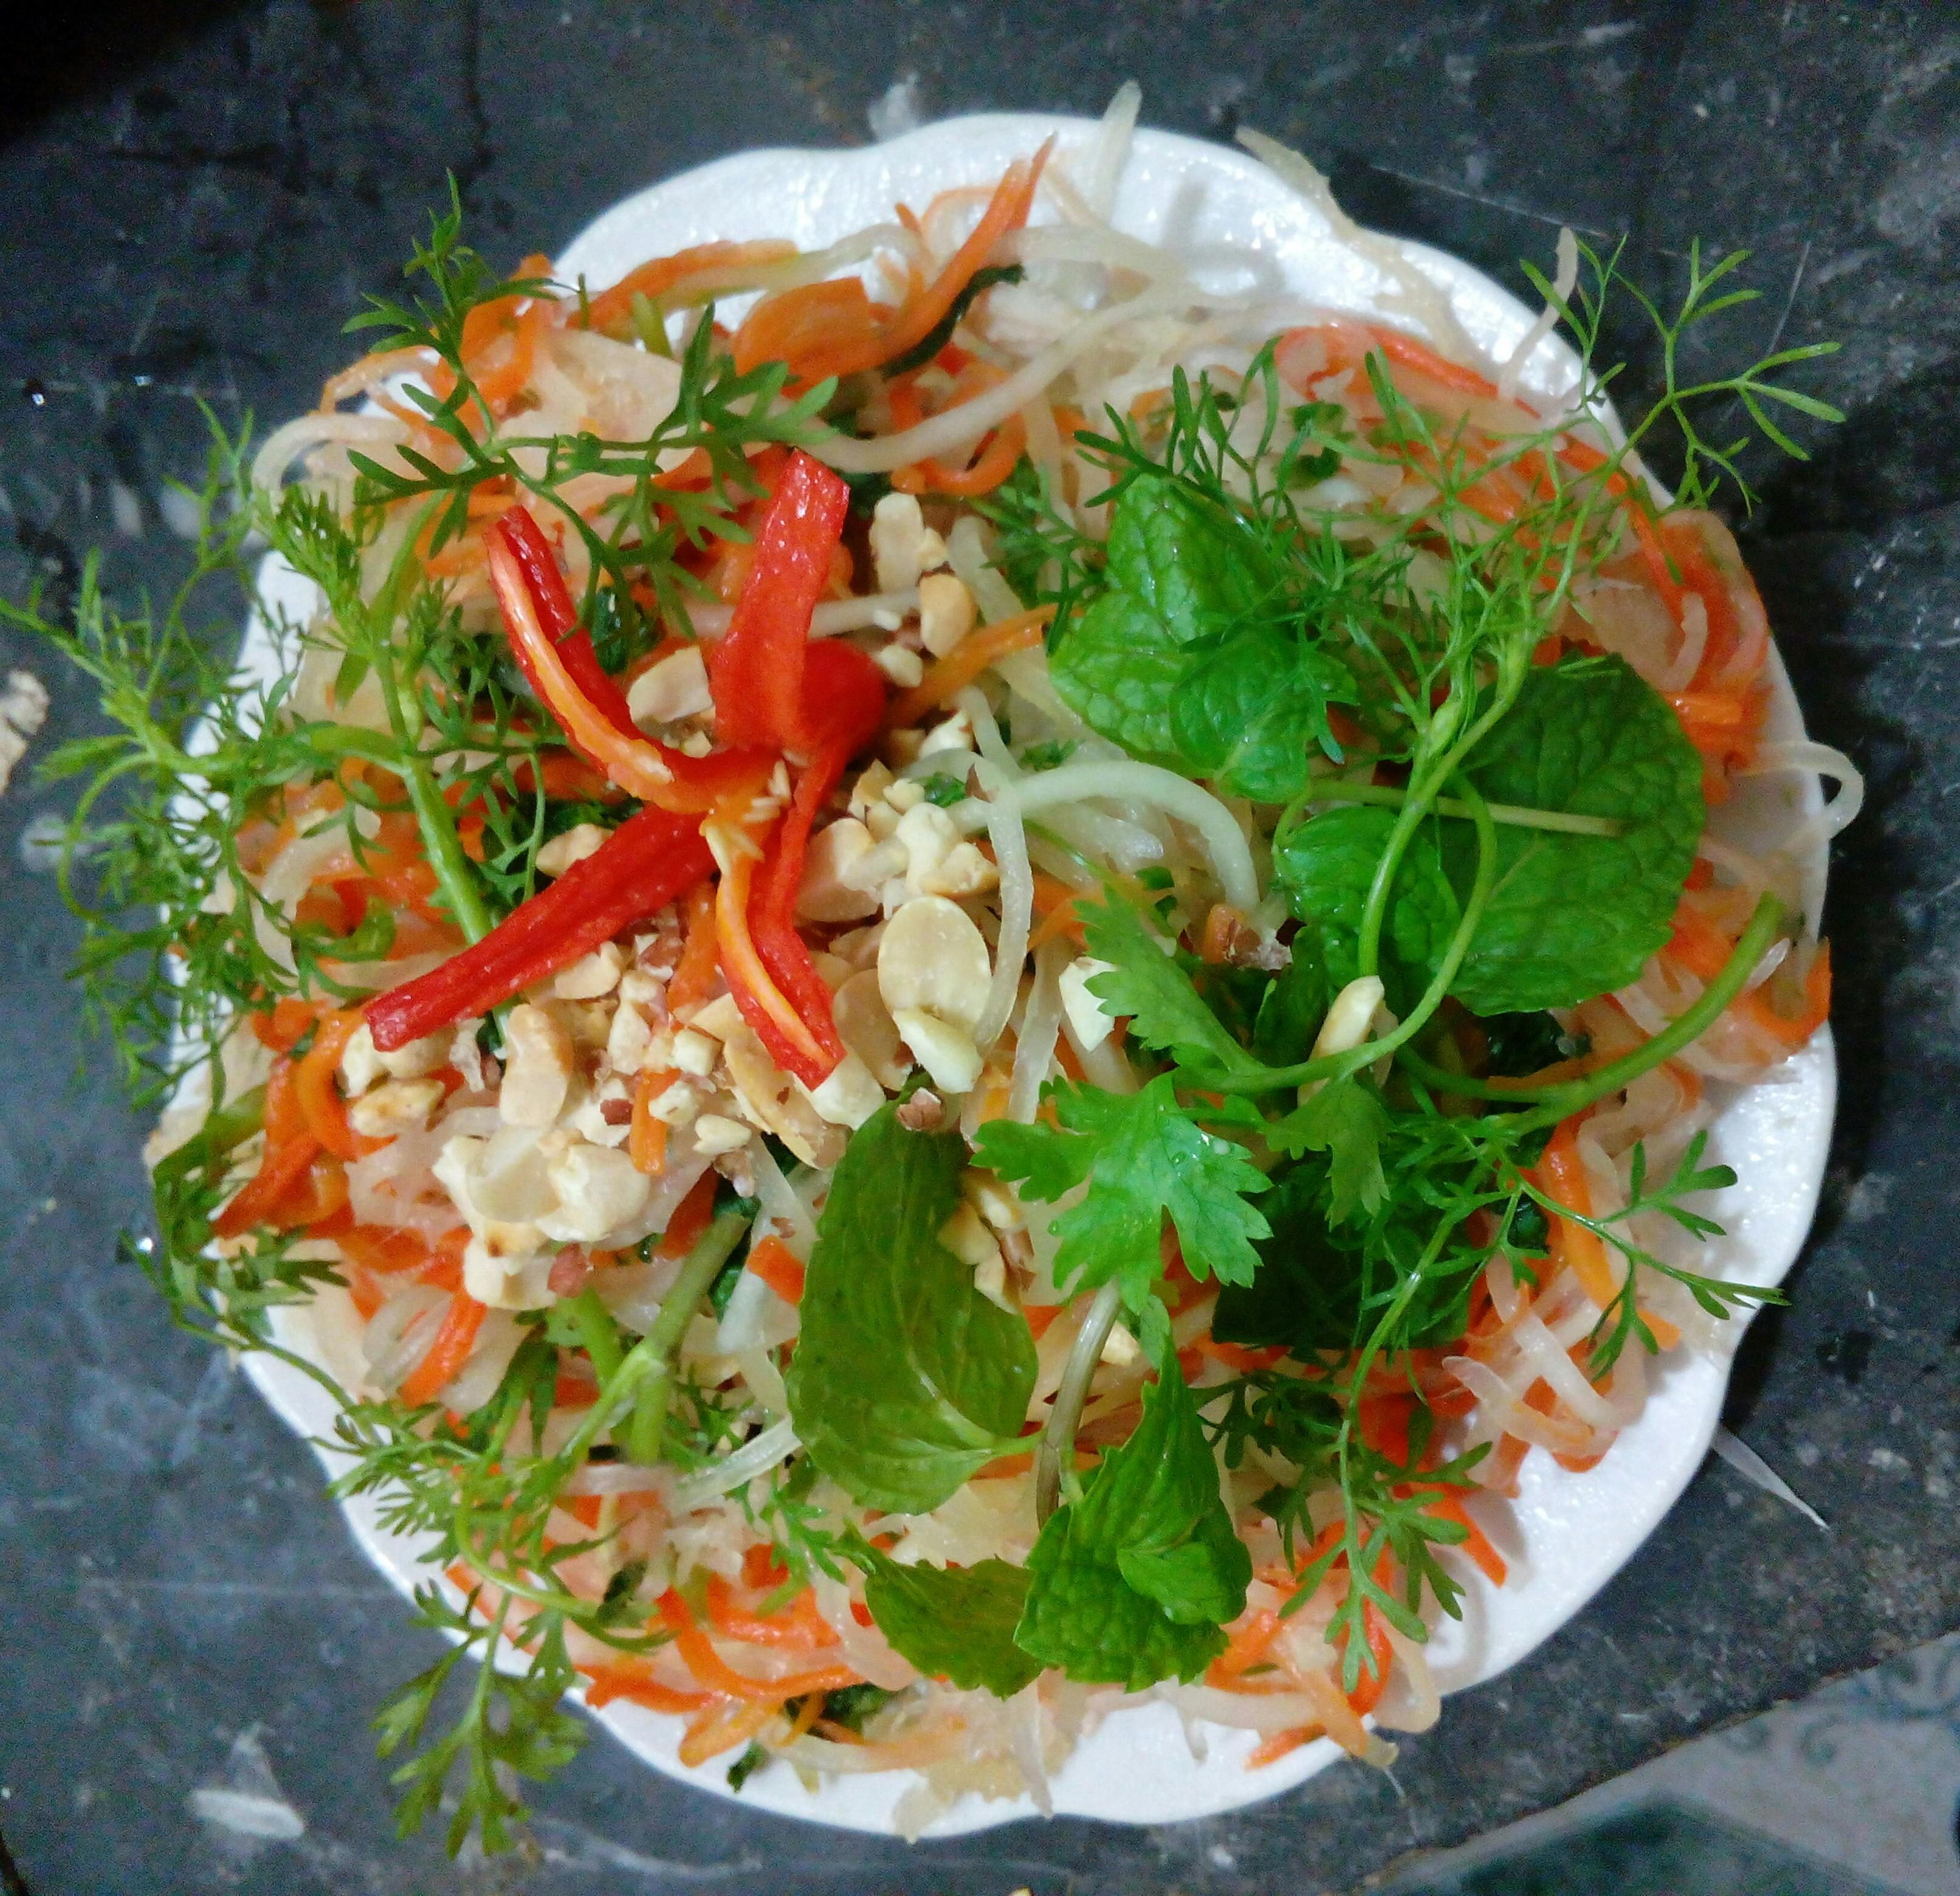 Rong sụn gai chuyên dùng làm nộm, gỏi, salad